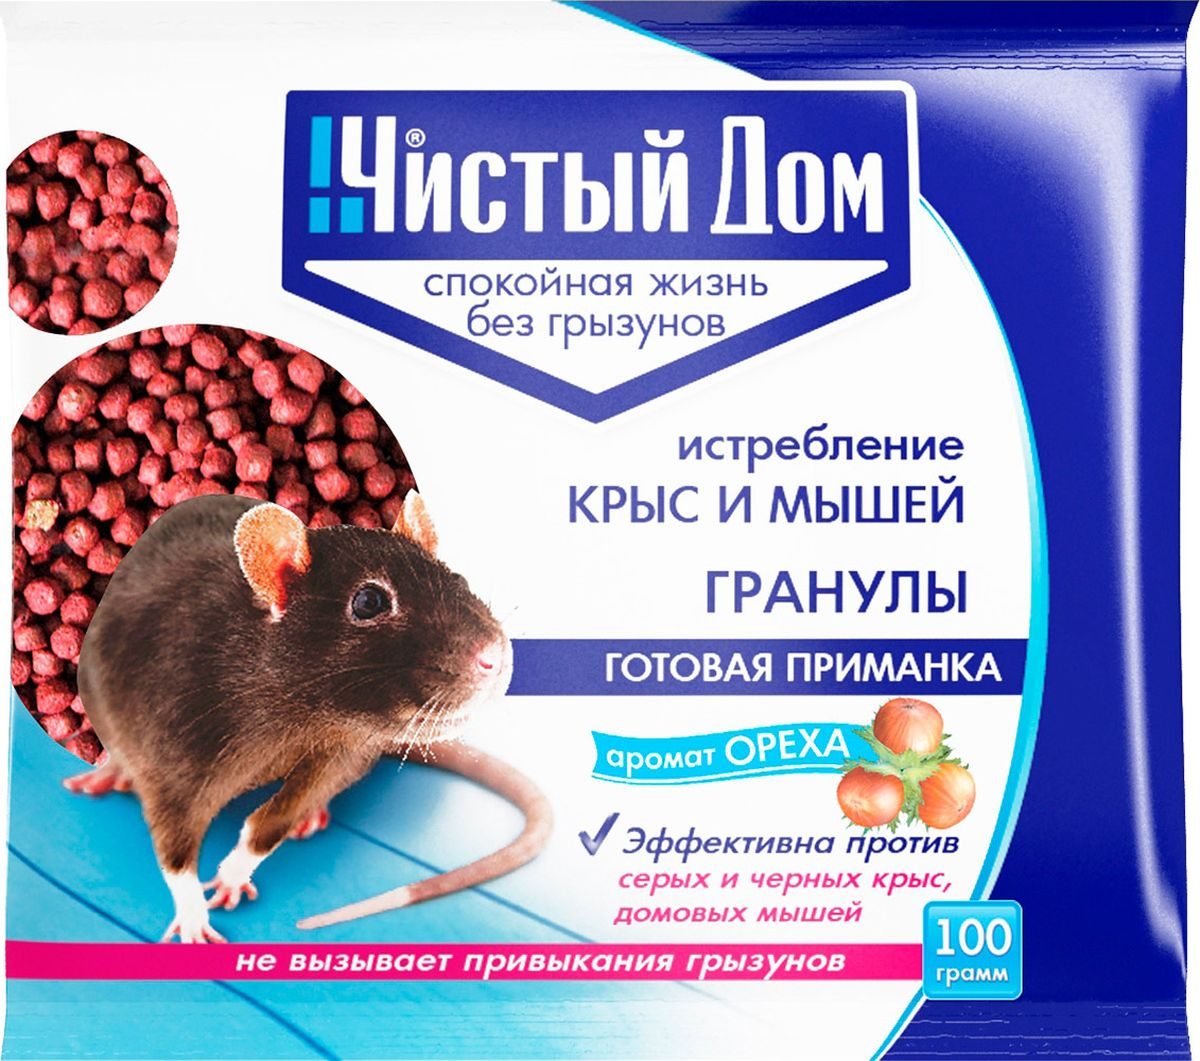 """Гранулы """"Чистый Дом"""" - приманка, в состав которой входят натуральные продукты, действующее вещество и специальные добавки. Запах ореха создает высокую привлекательность для грызунов.Применение: поместить приманку в лотки или на подложки (кусочки полиэтилена, плотной бумаги): по 10-20 г (1-2 столовые ложки) для мышей, по 30-50 г (3-5 столовых ложек) для крыс. Размещение в специальных емкостях повышает поедаемость средства, препятствуя его  растаскиванию грызунами. Размещают емкости в предварительно выявленных местах обитания грызунов: поблизости от их нор, на путях перемещении, вдоль стен и перегородок. Расстояние между точками раскладки 2-10 м в зависимости от захламленности помещений и численности грызунов. Места раскладки осматривают через 1-2 дня, а затем с интервалом в одну неделю, восполняя  приманку по мере ее поедания. Загрязненную или испорченную приманку следует заменять на новую. Нетронутую приманку можно переносить в другое место. Работу проводят до исчезновения грызунов.Товар сертифицирован."""